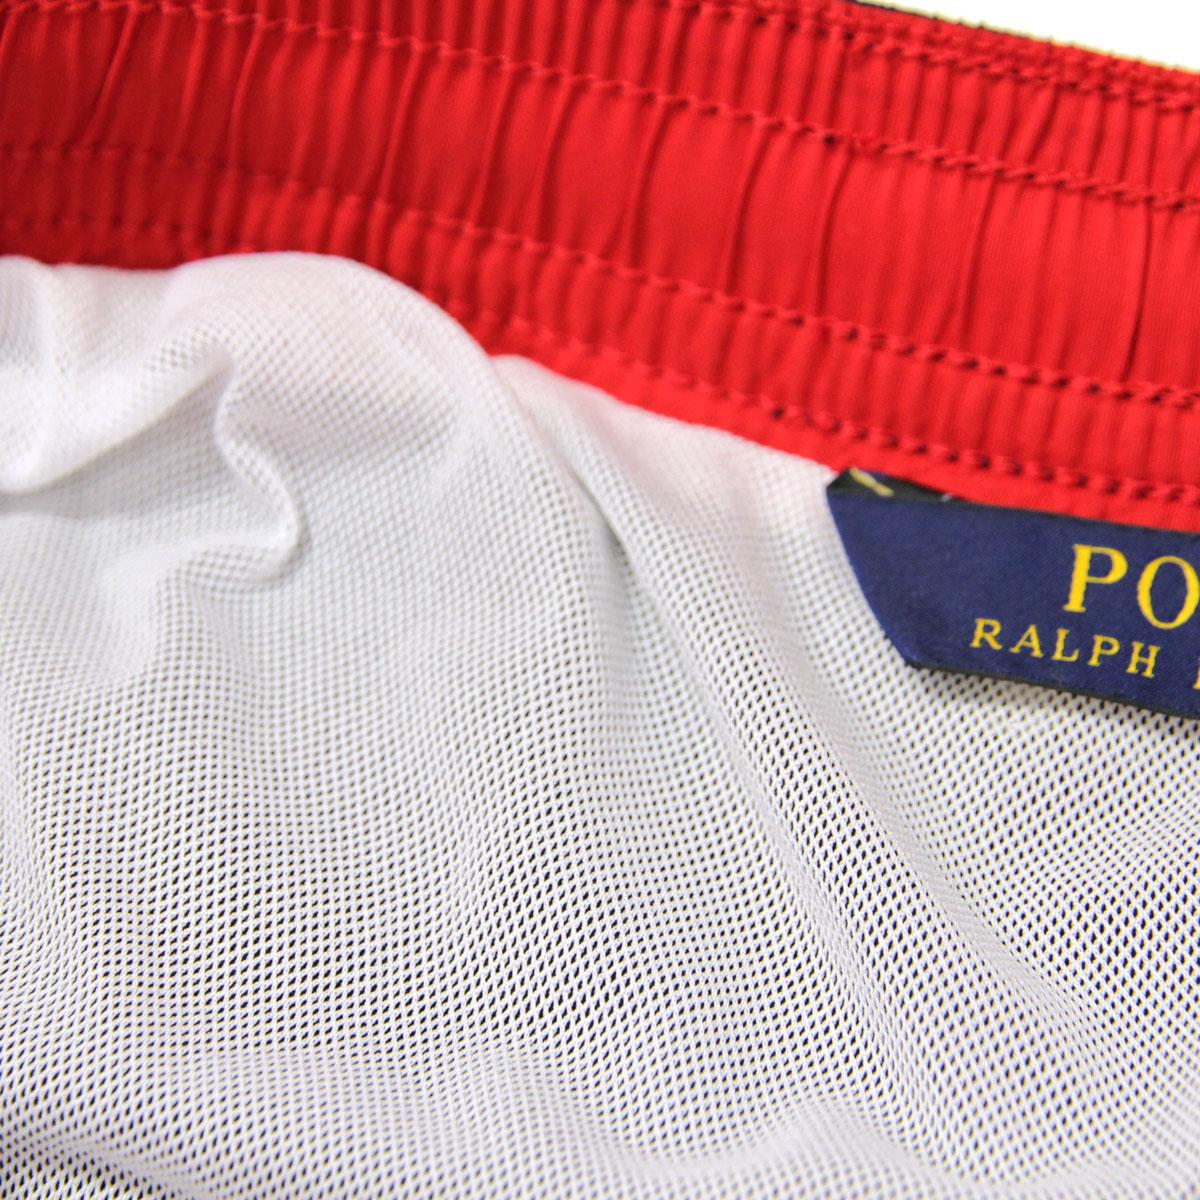 ポロ ラルフローレン 水着 メンズ 正規品 POLO RALPH LAUREN スイムパンツ  POLO SWIM TRUNK A05B B1C C2D D7E E06F